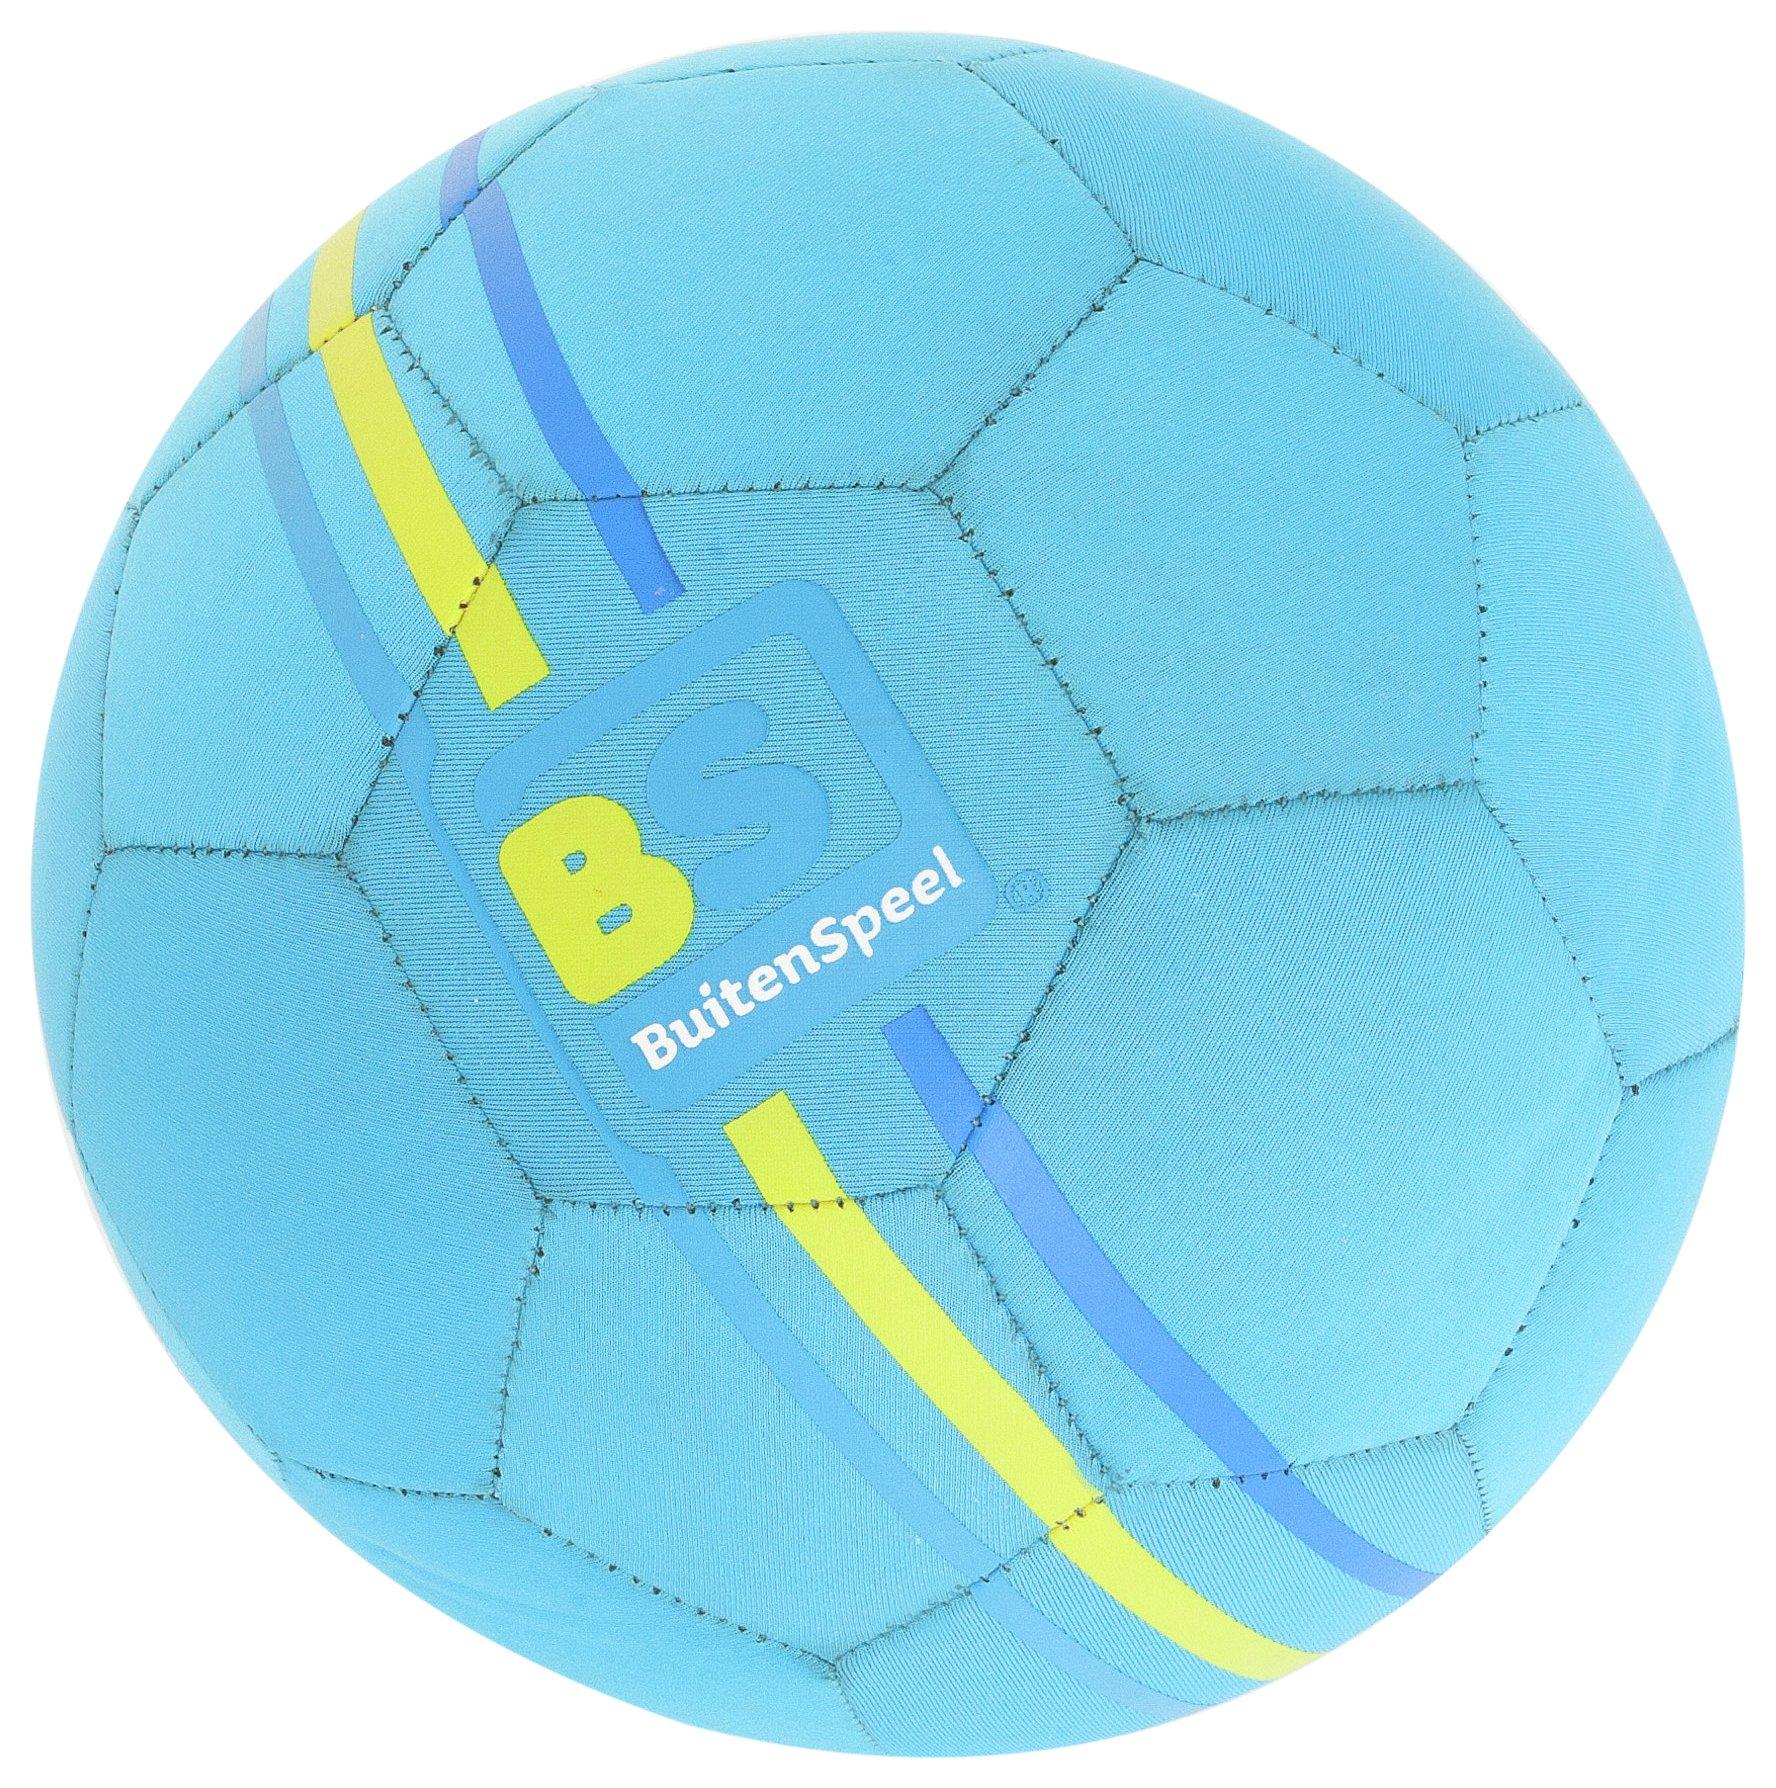 Image of BuitenSpeel Football.